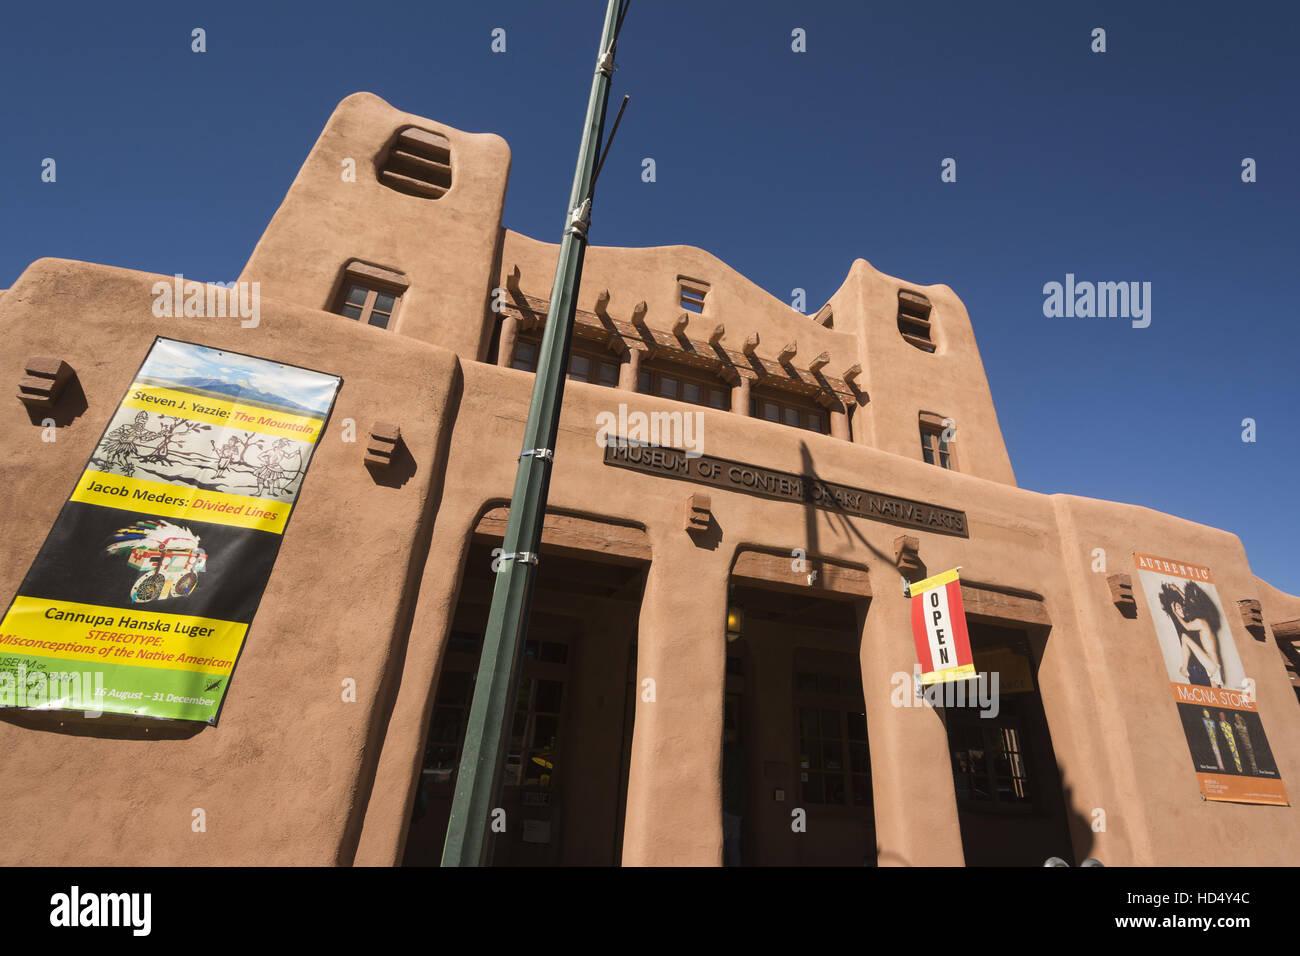 Nuovo Messico, Santa Fe, IAIA Museum of Contemporary Arts nativo Immagini Stock